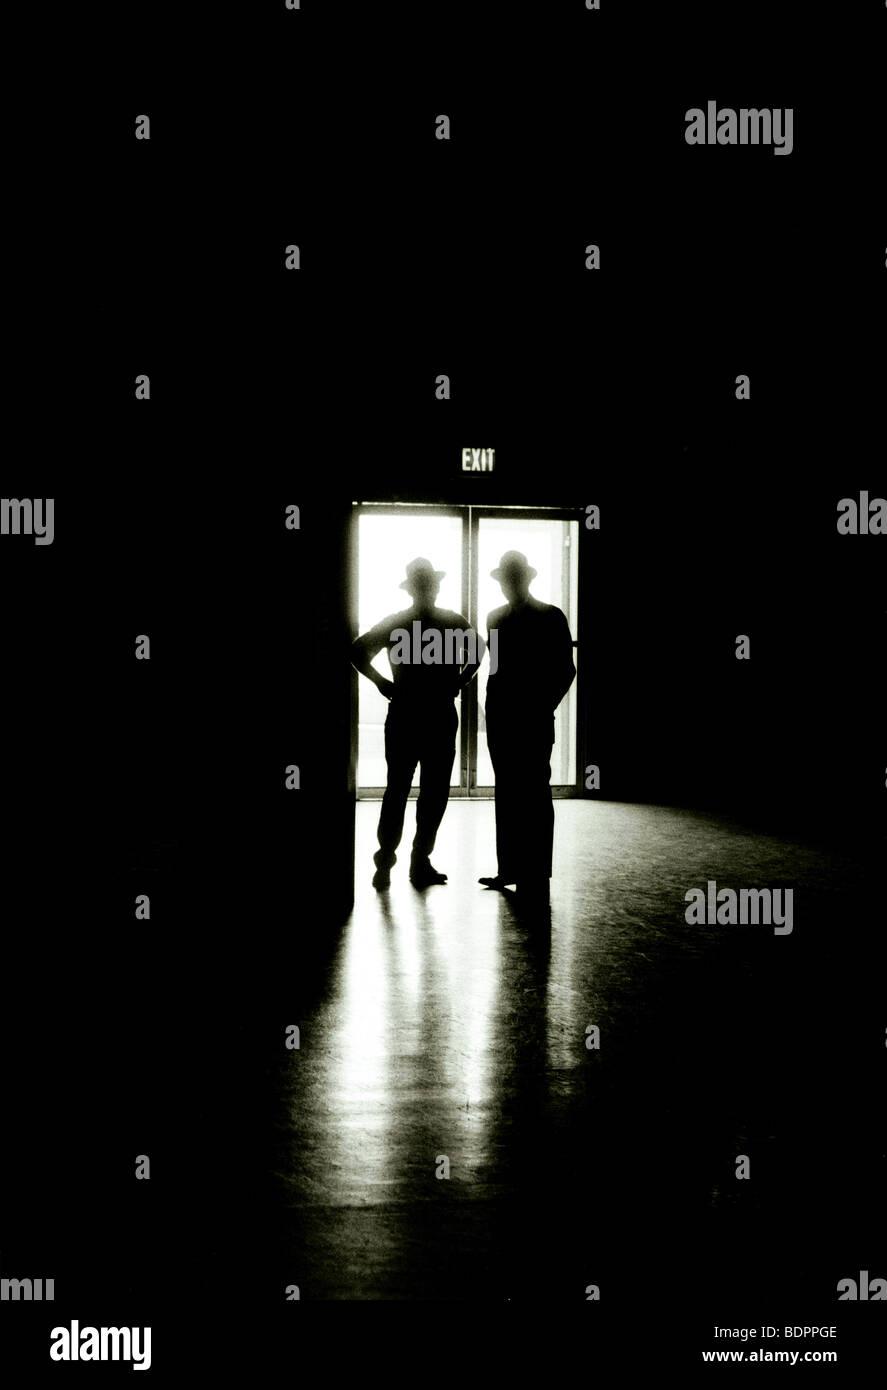 Dos figuras masculinas siluetas contra una puerta de salida Imagen De Stock